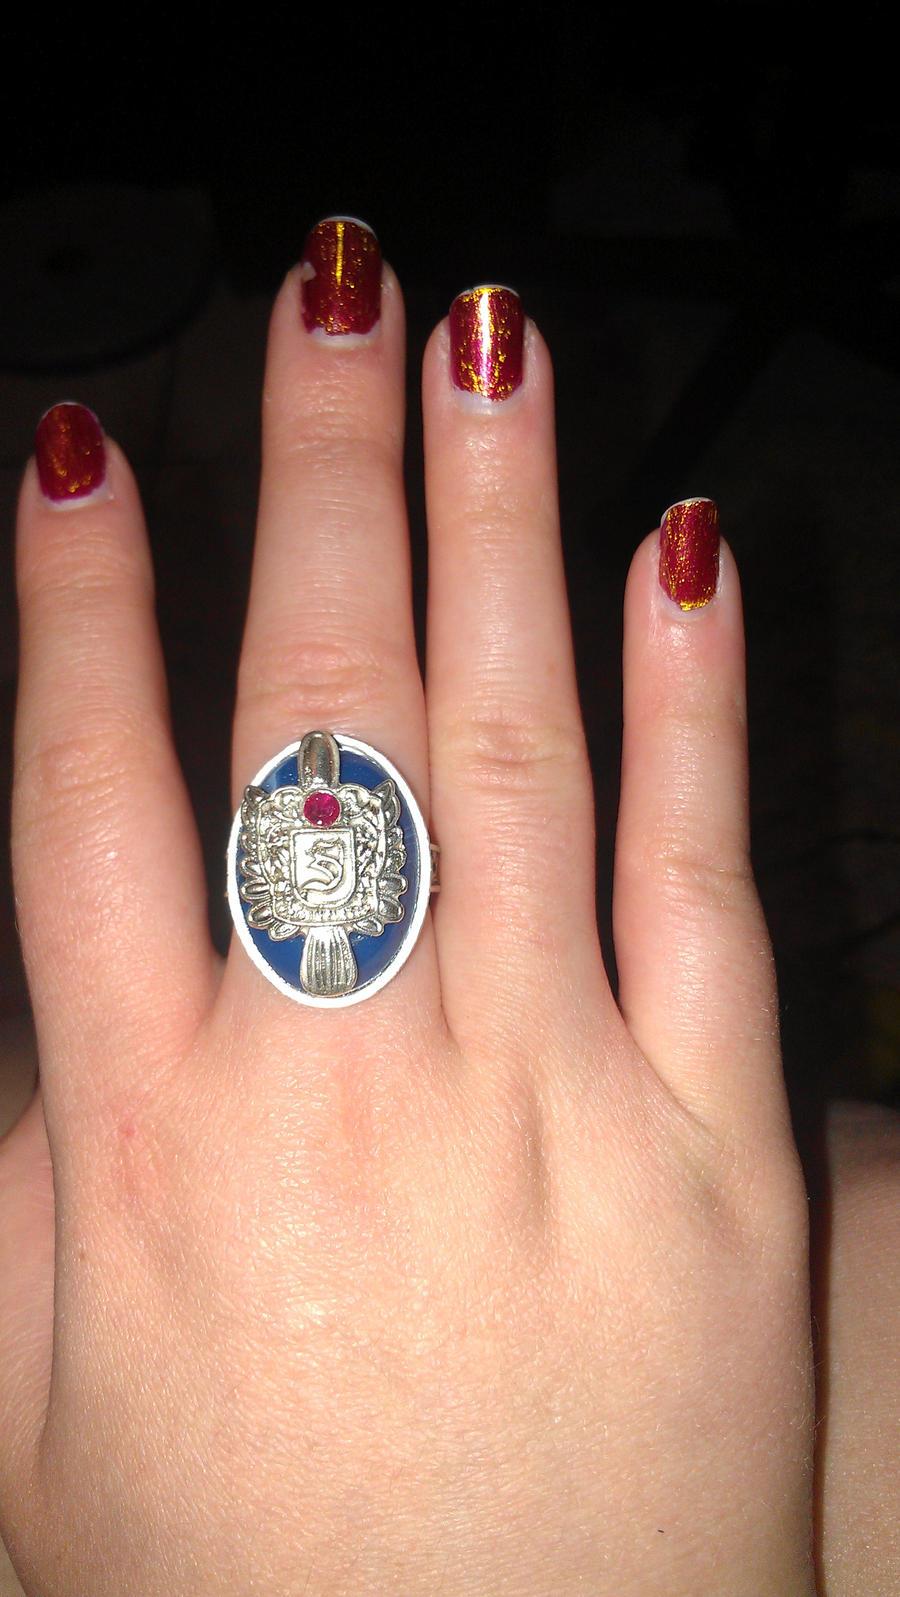 Stefan Daylight Ring